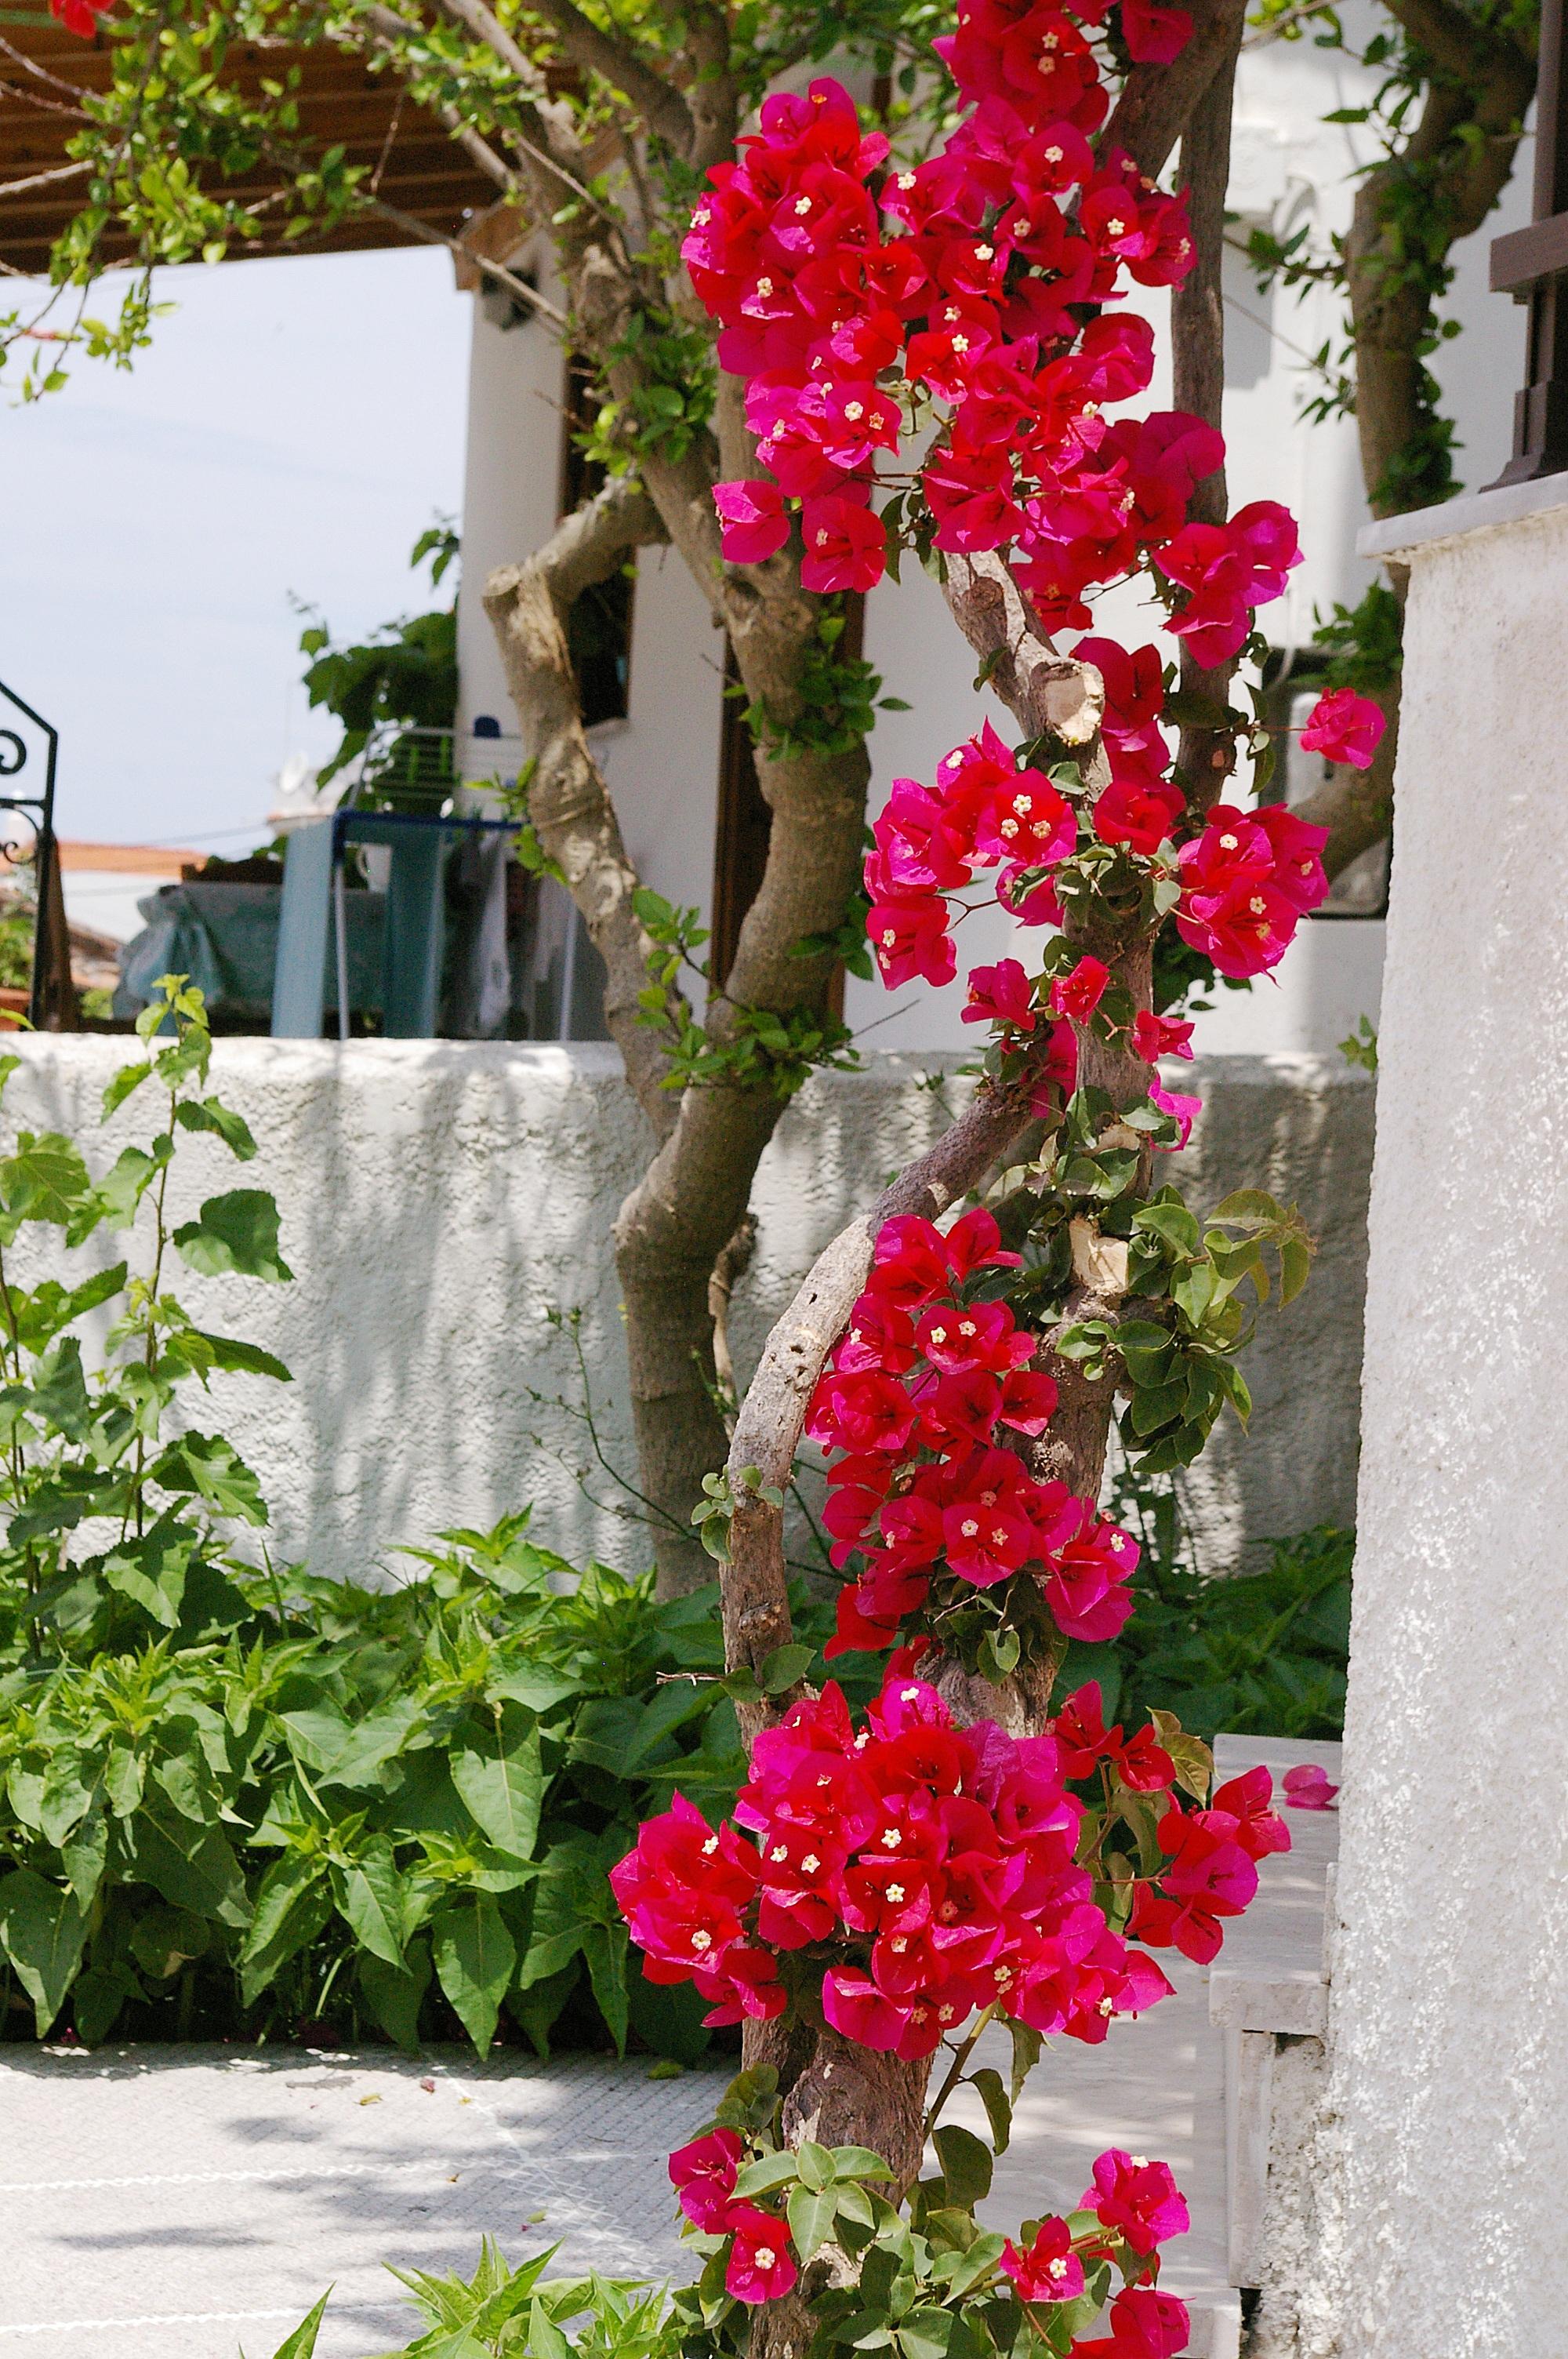 Bougainville Fleur se rapportant à images gratuites : arbre, fleur, route, floraison, été, rose